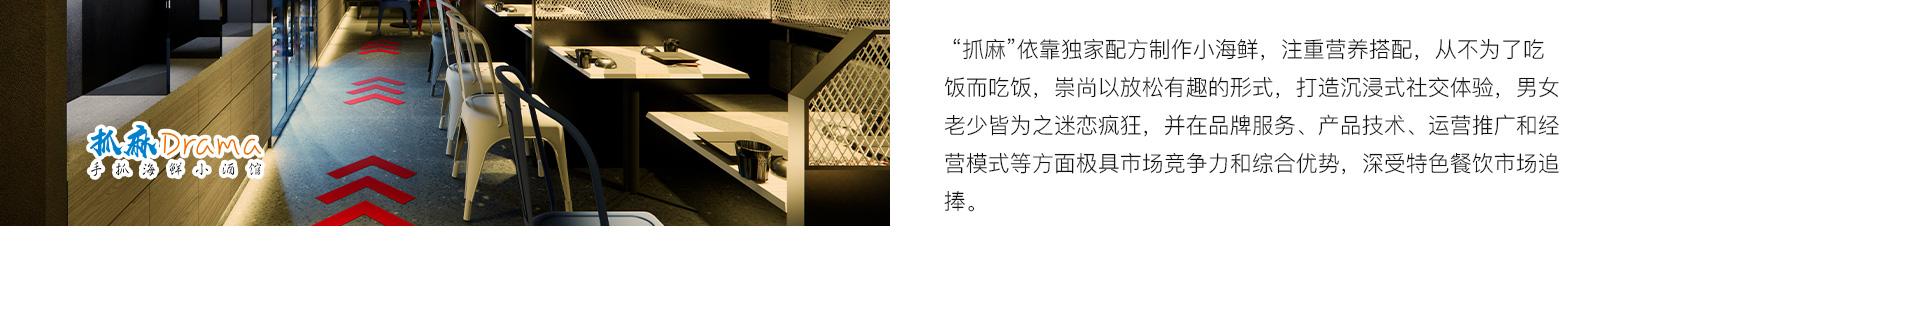 Drama抓麻手抓海鲜小酒馆详情_04